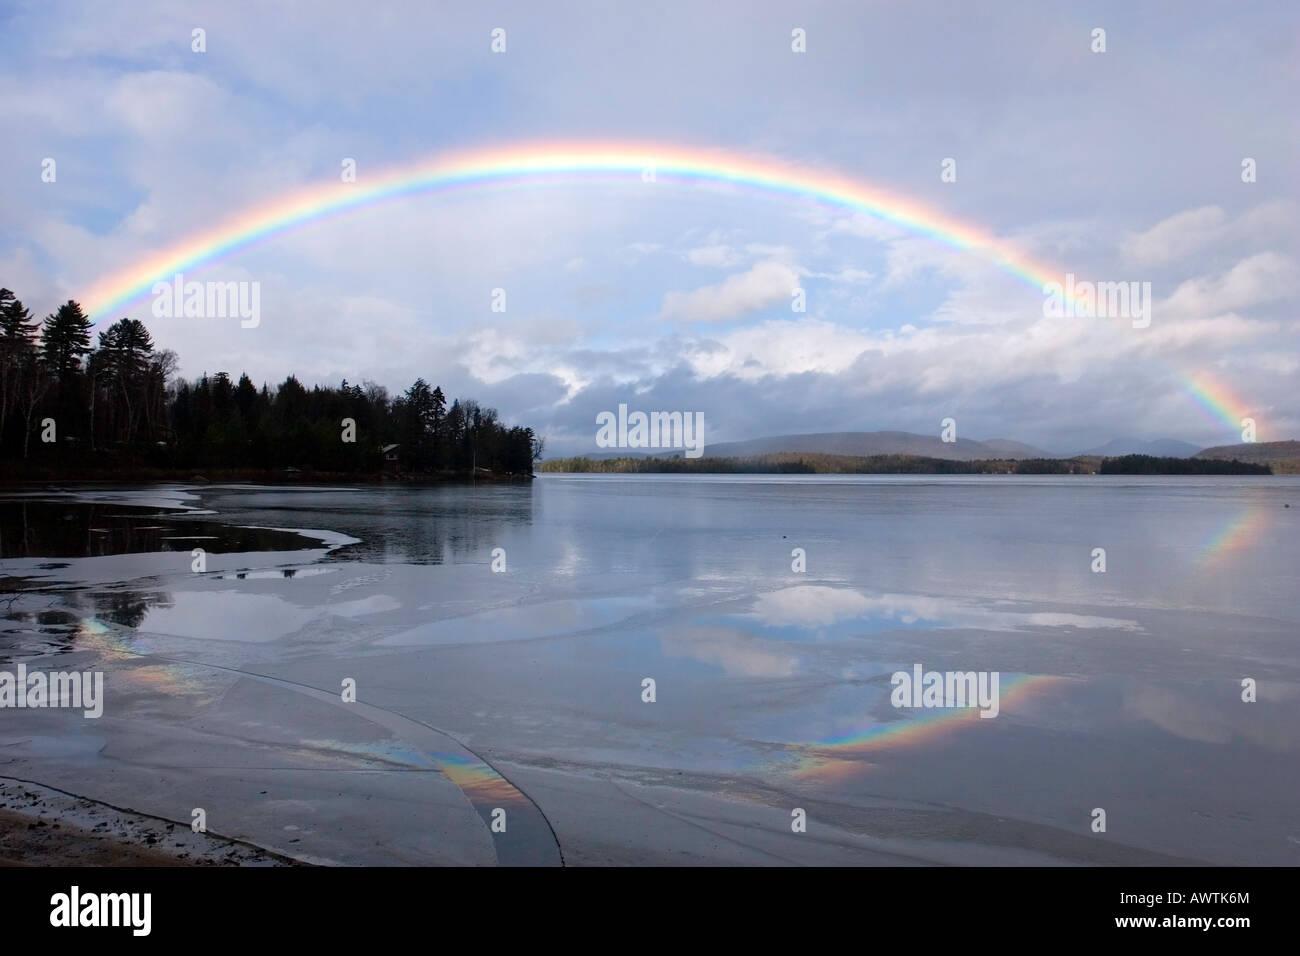 Full Rainbow over Lake Sacandaga, Adirondack Mountains, New York, United States - Stock Image